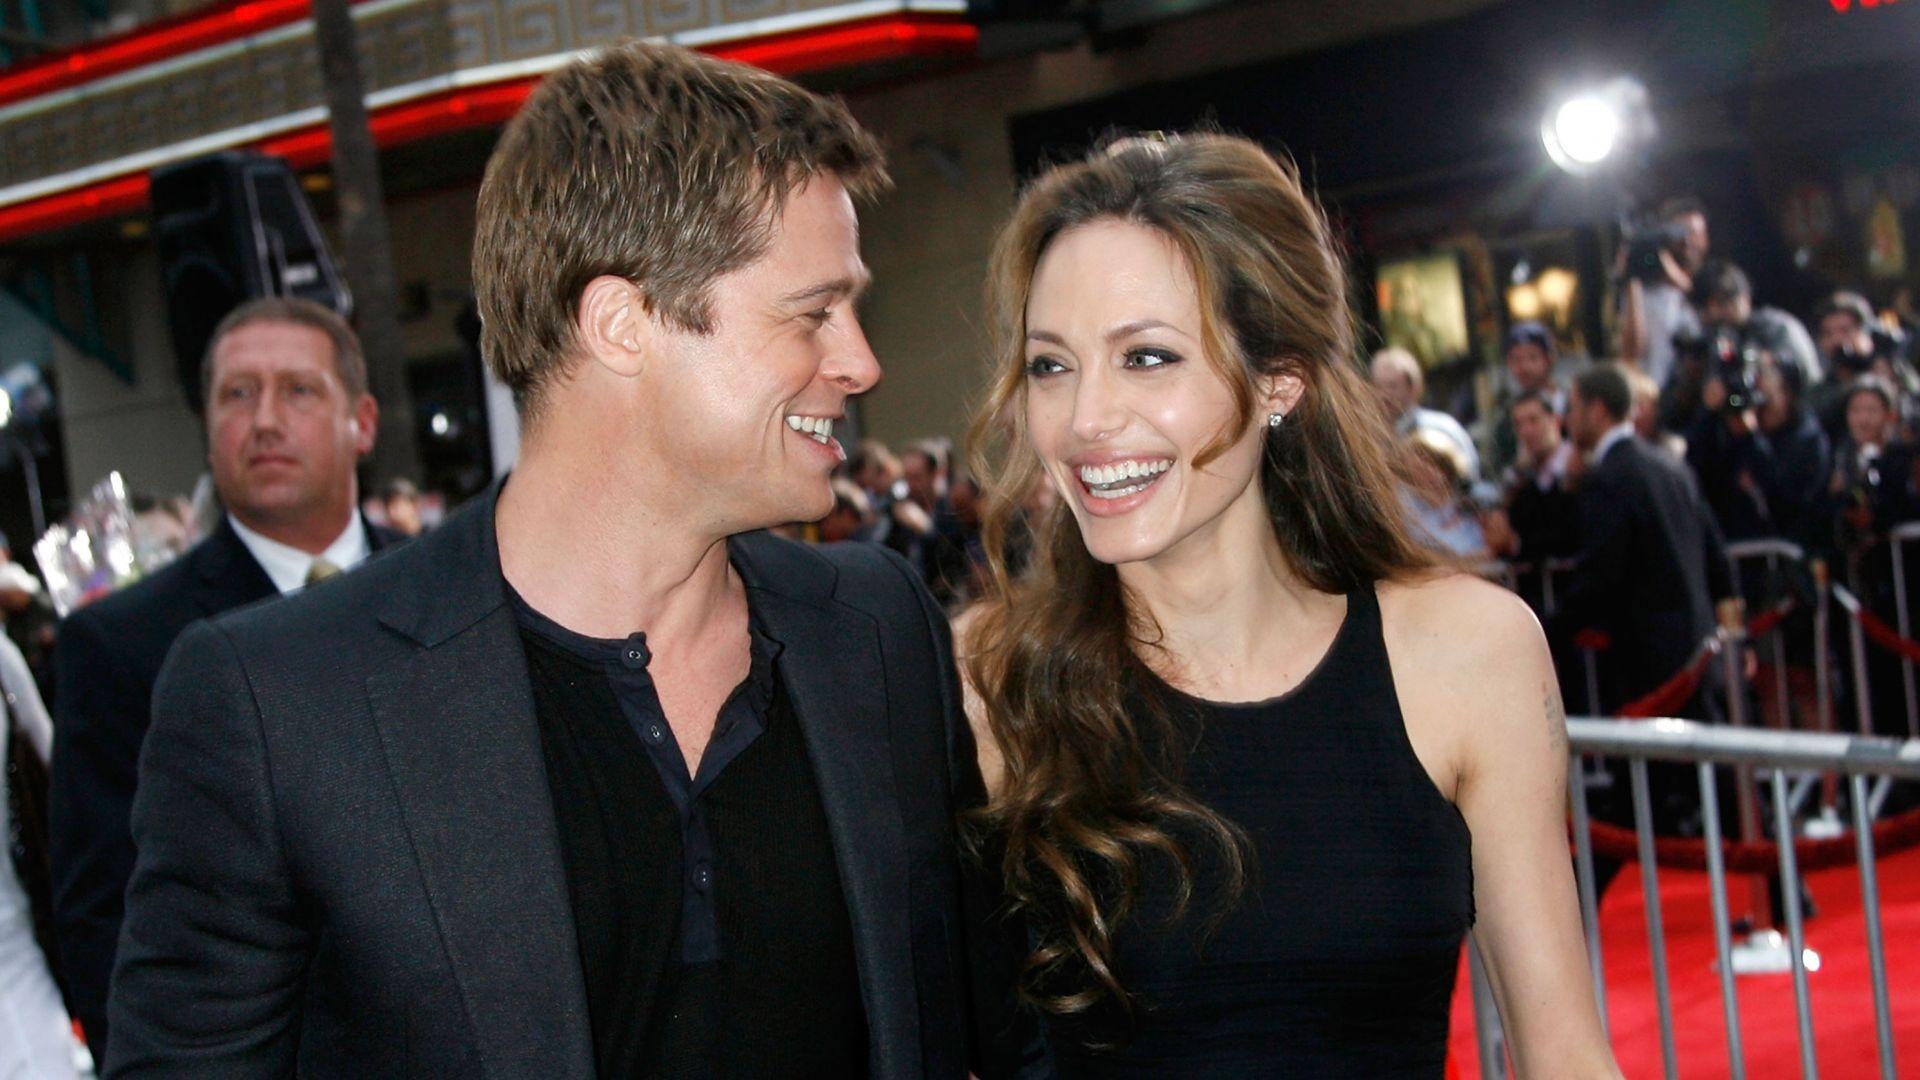 Пит заплаши Джоли с глоба, ако продължава да бави развода